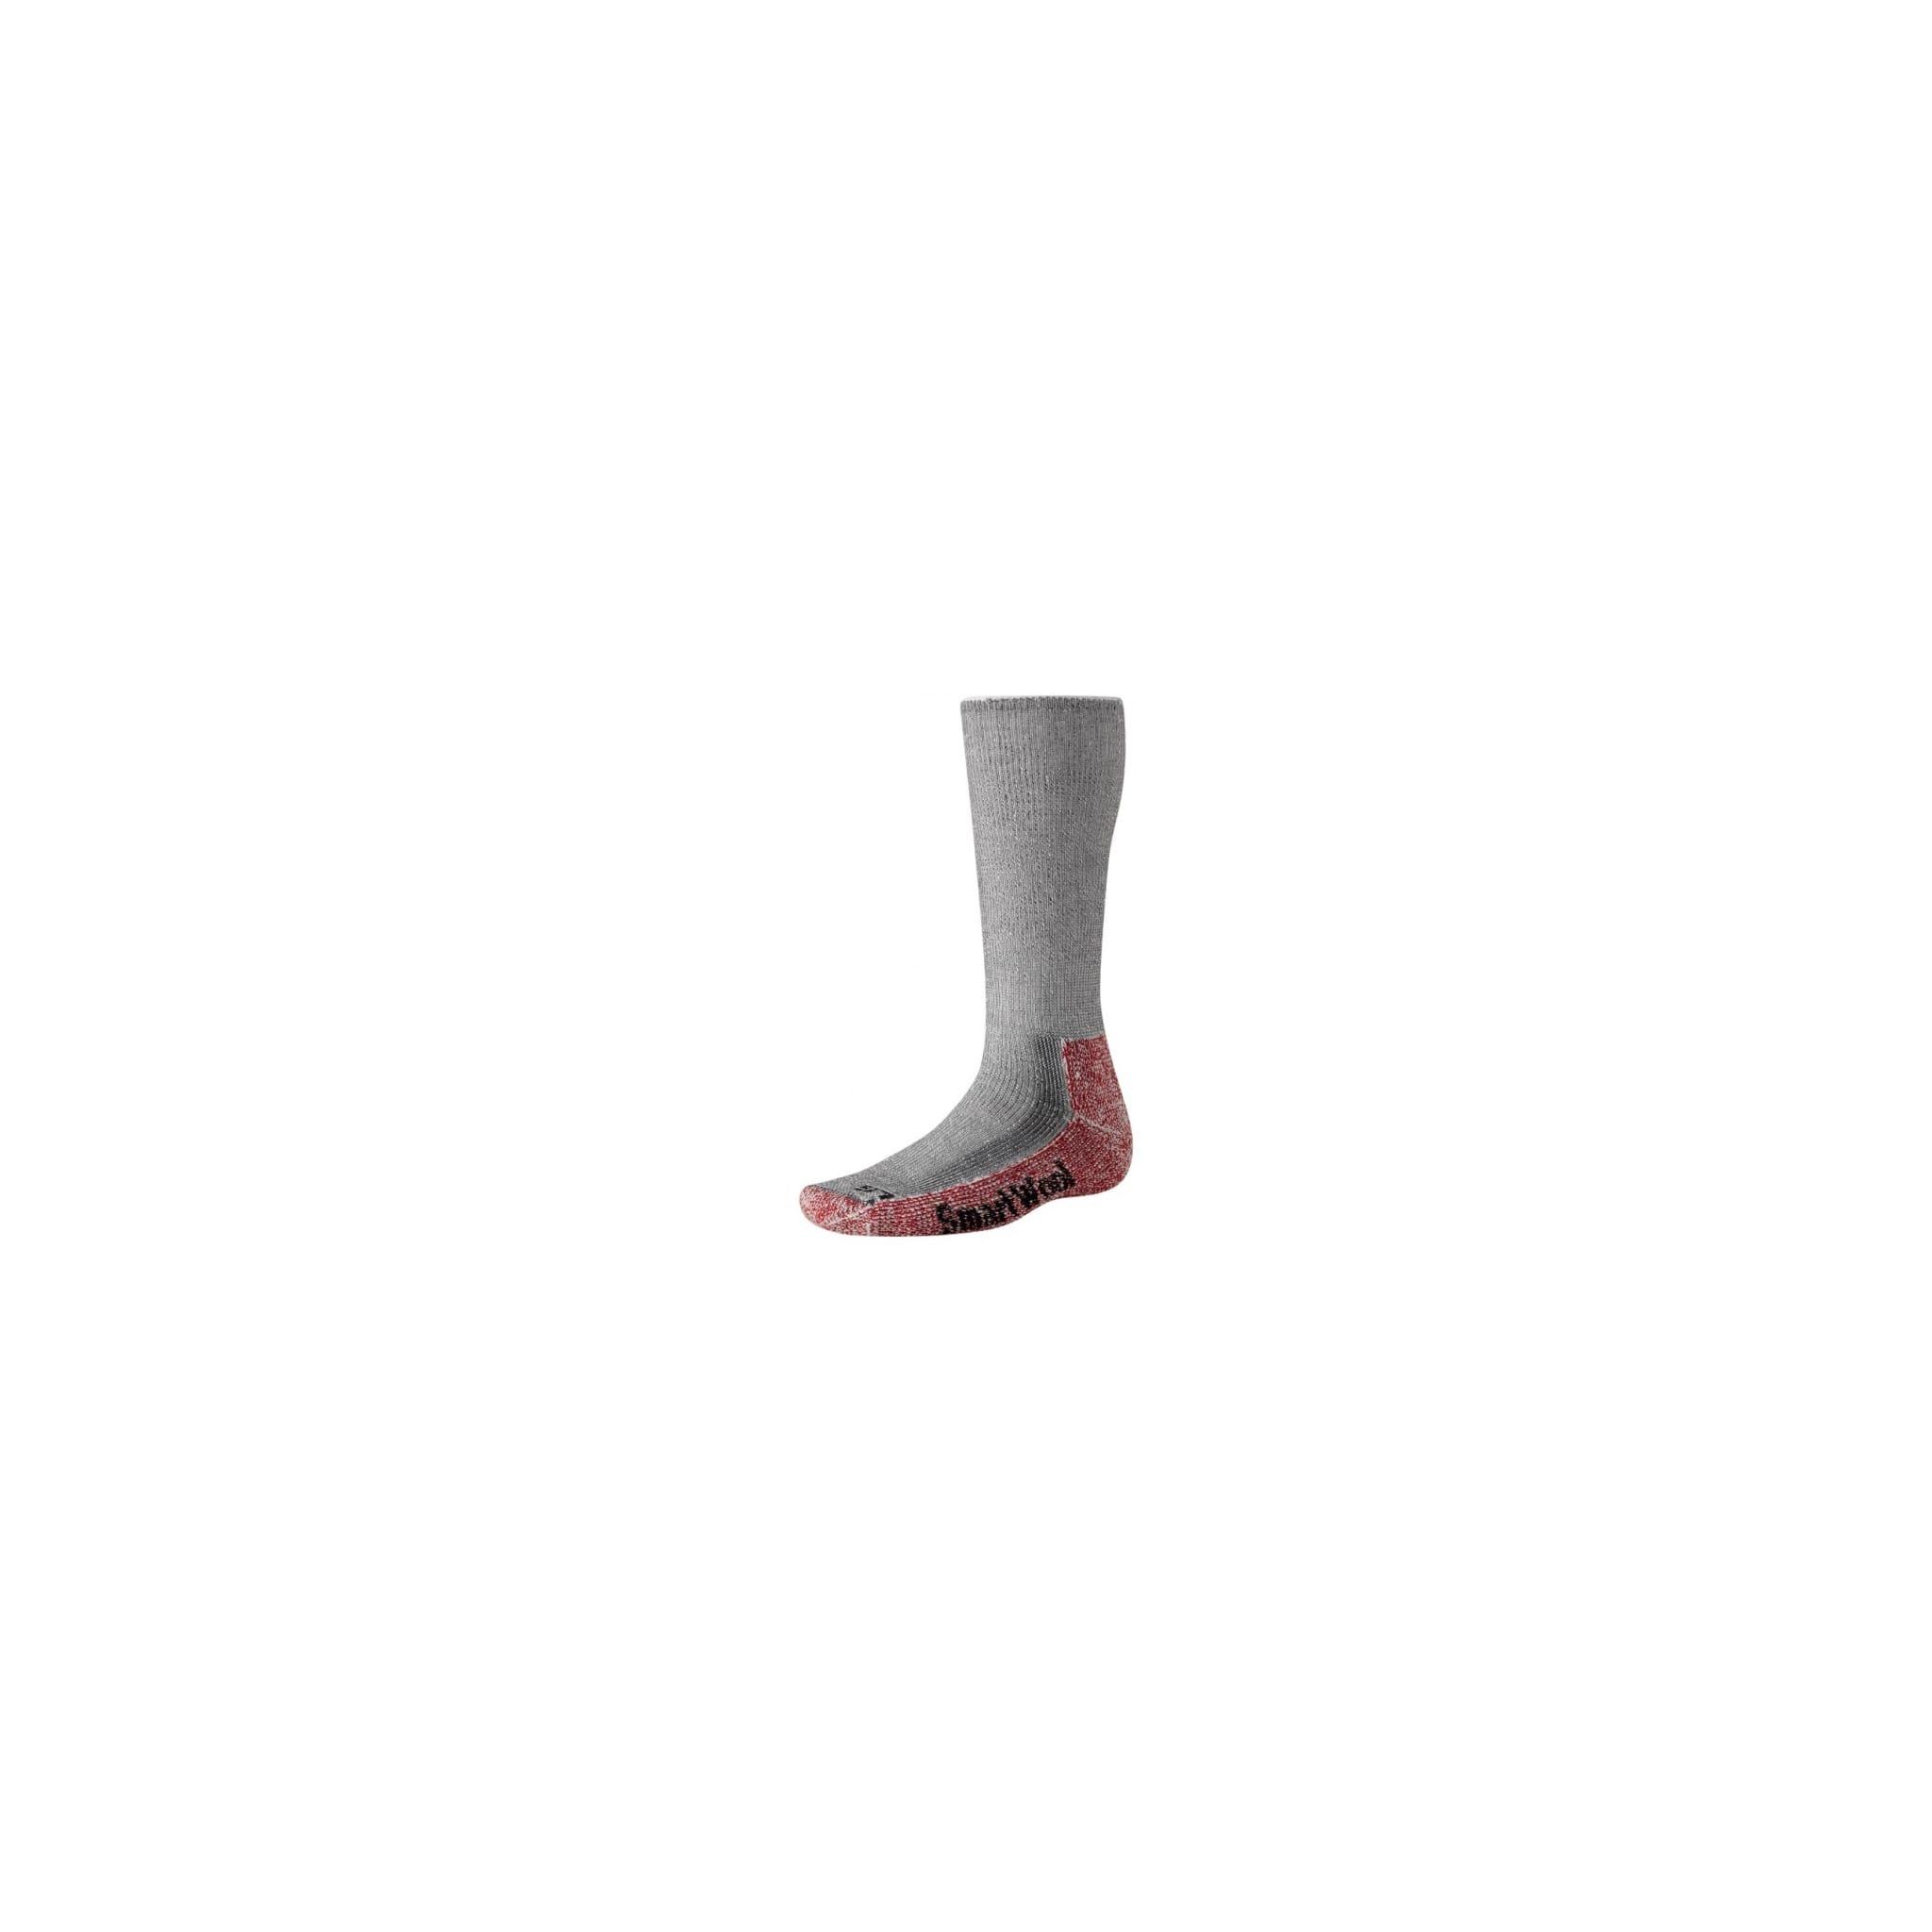 De varmeste sokkene fra Smartwool!